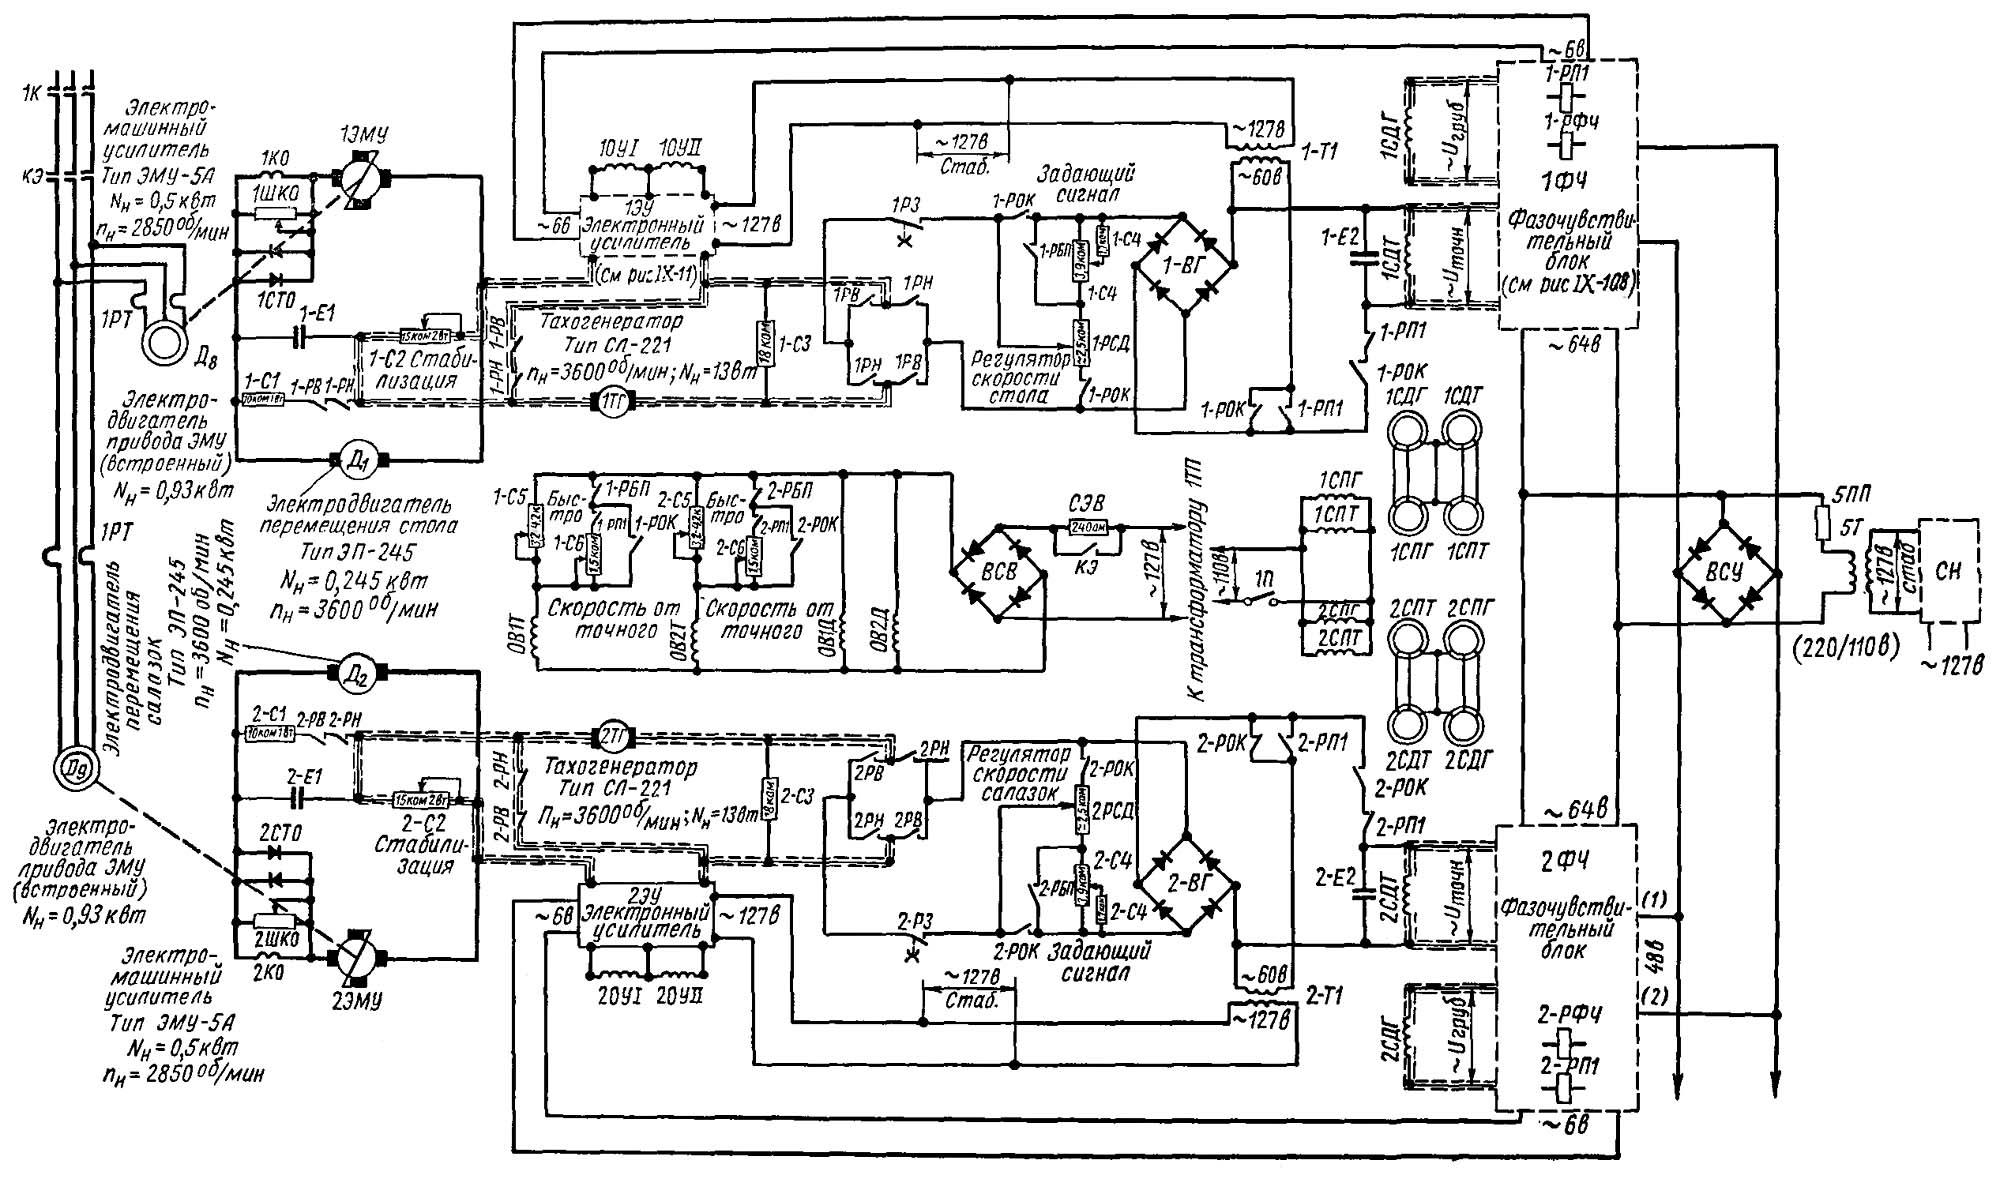 исполнительный лист схемы для ку и бу